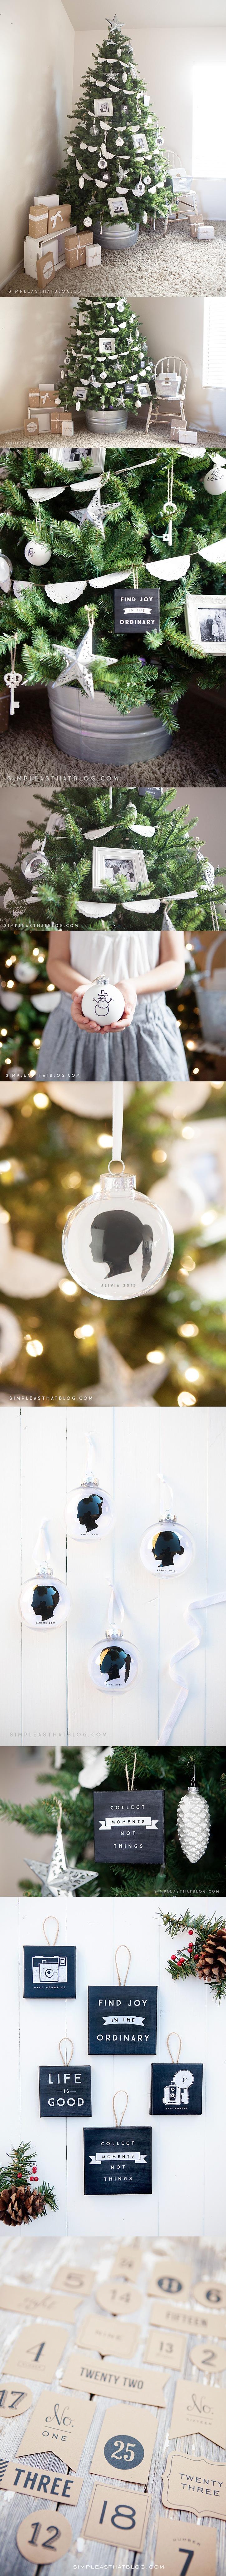 El árbol de Navidad de los recuerdos